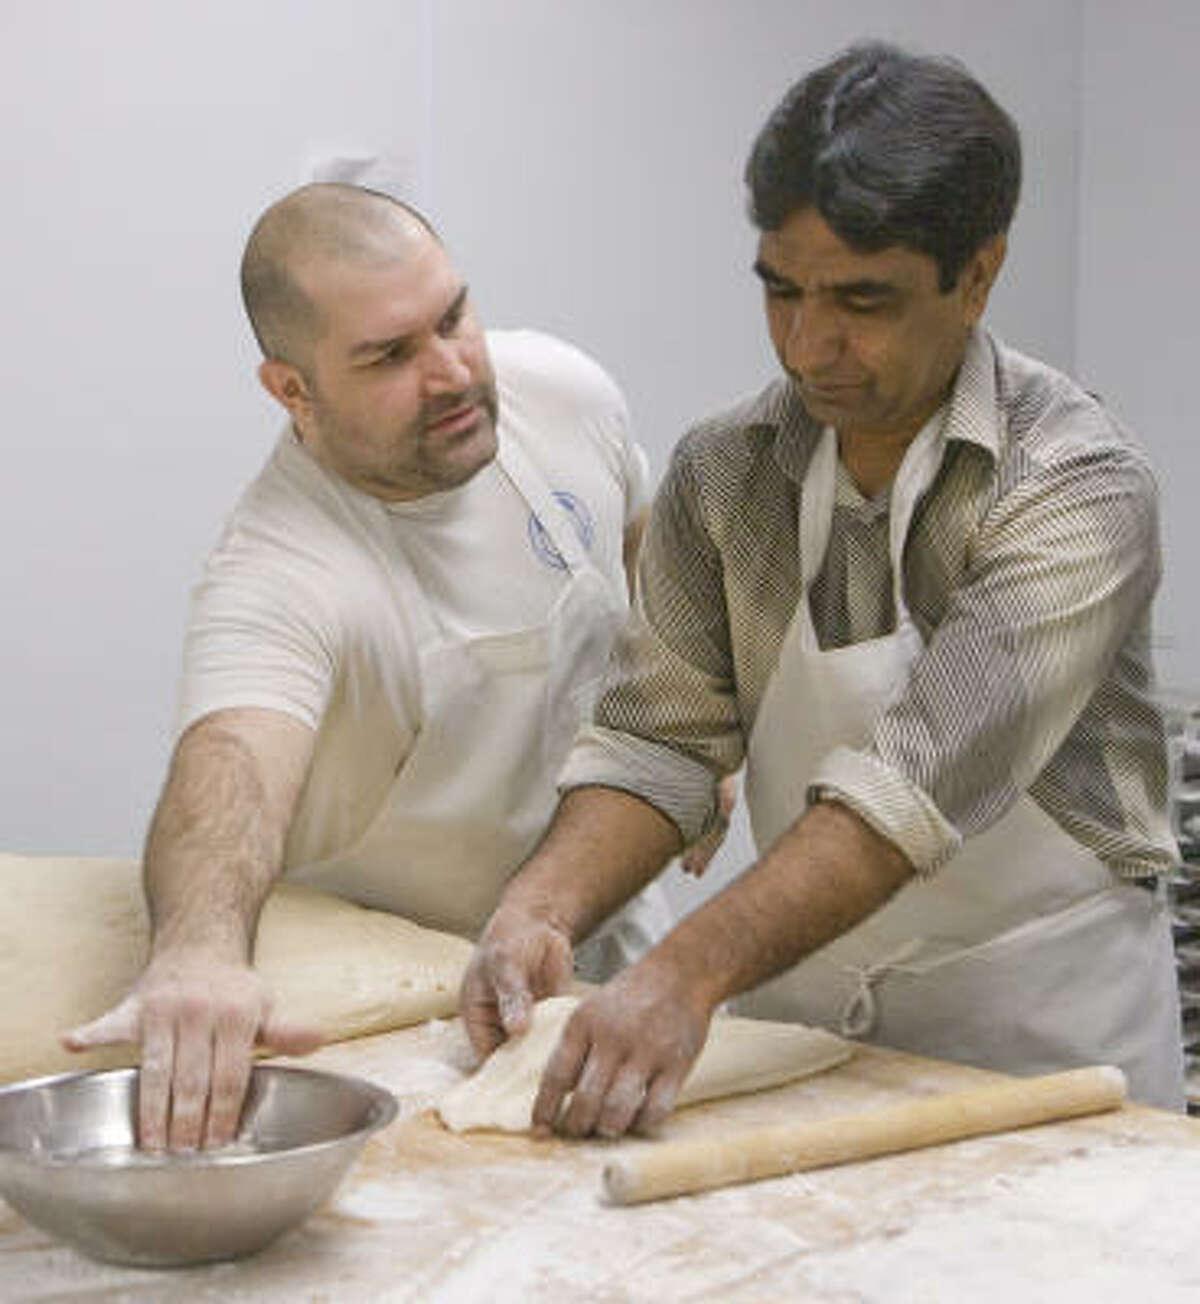 Ezatullah Sharifi and Kraftsmen Bakery head baker Chad Fry make Afghan bread Wednesday in Houston.